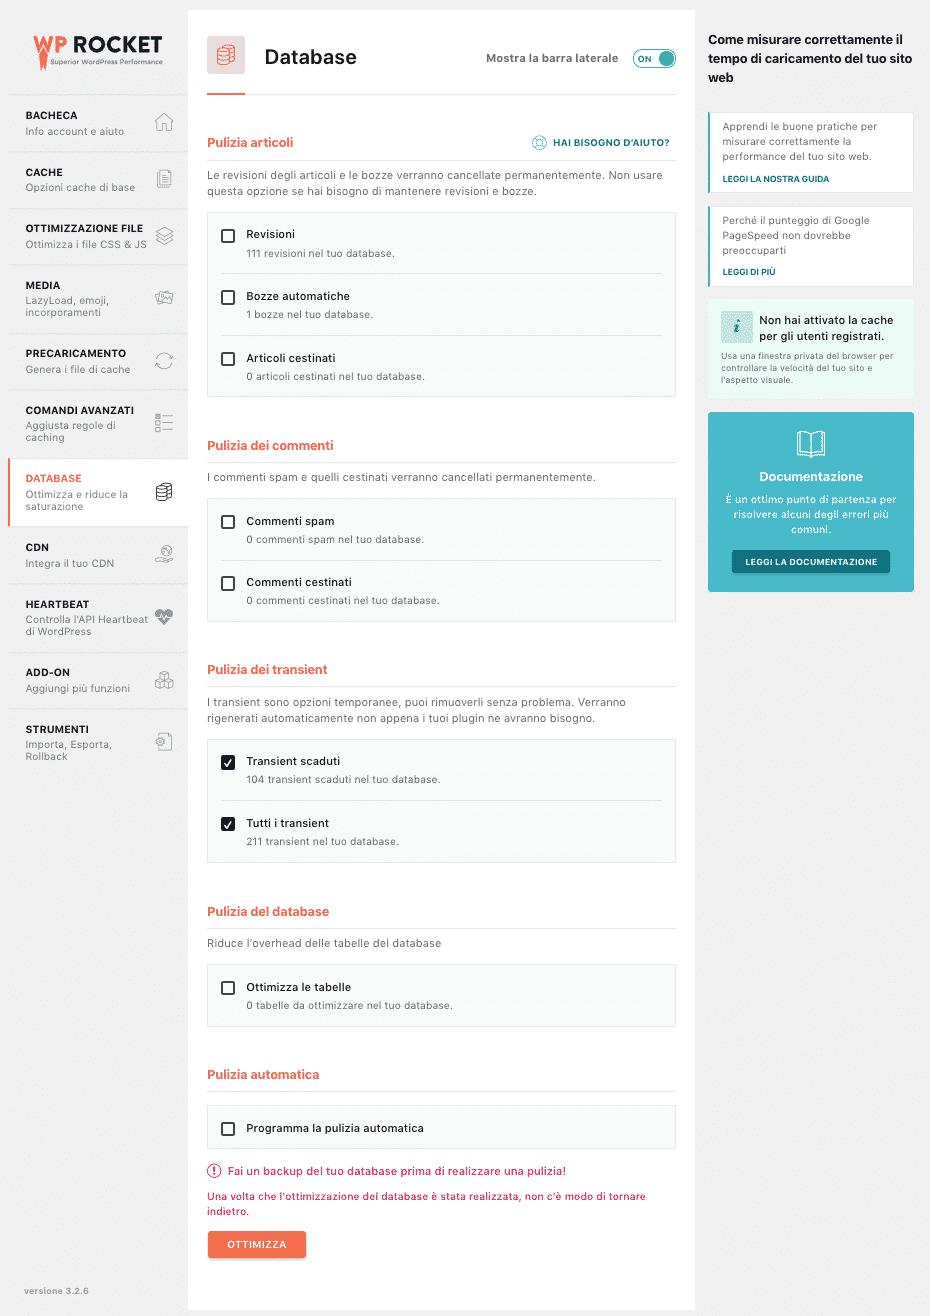 WP Rocket | Database